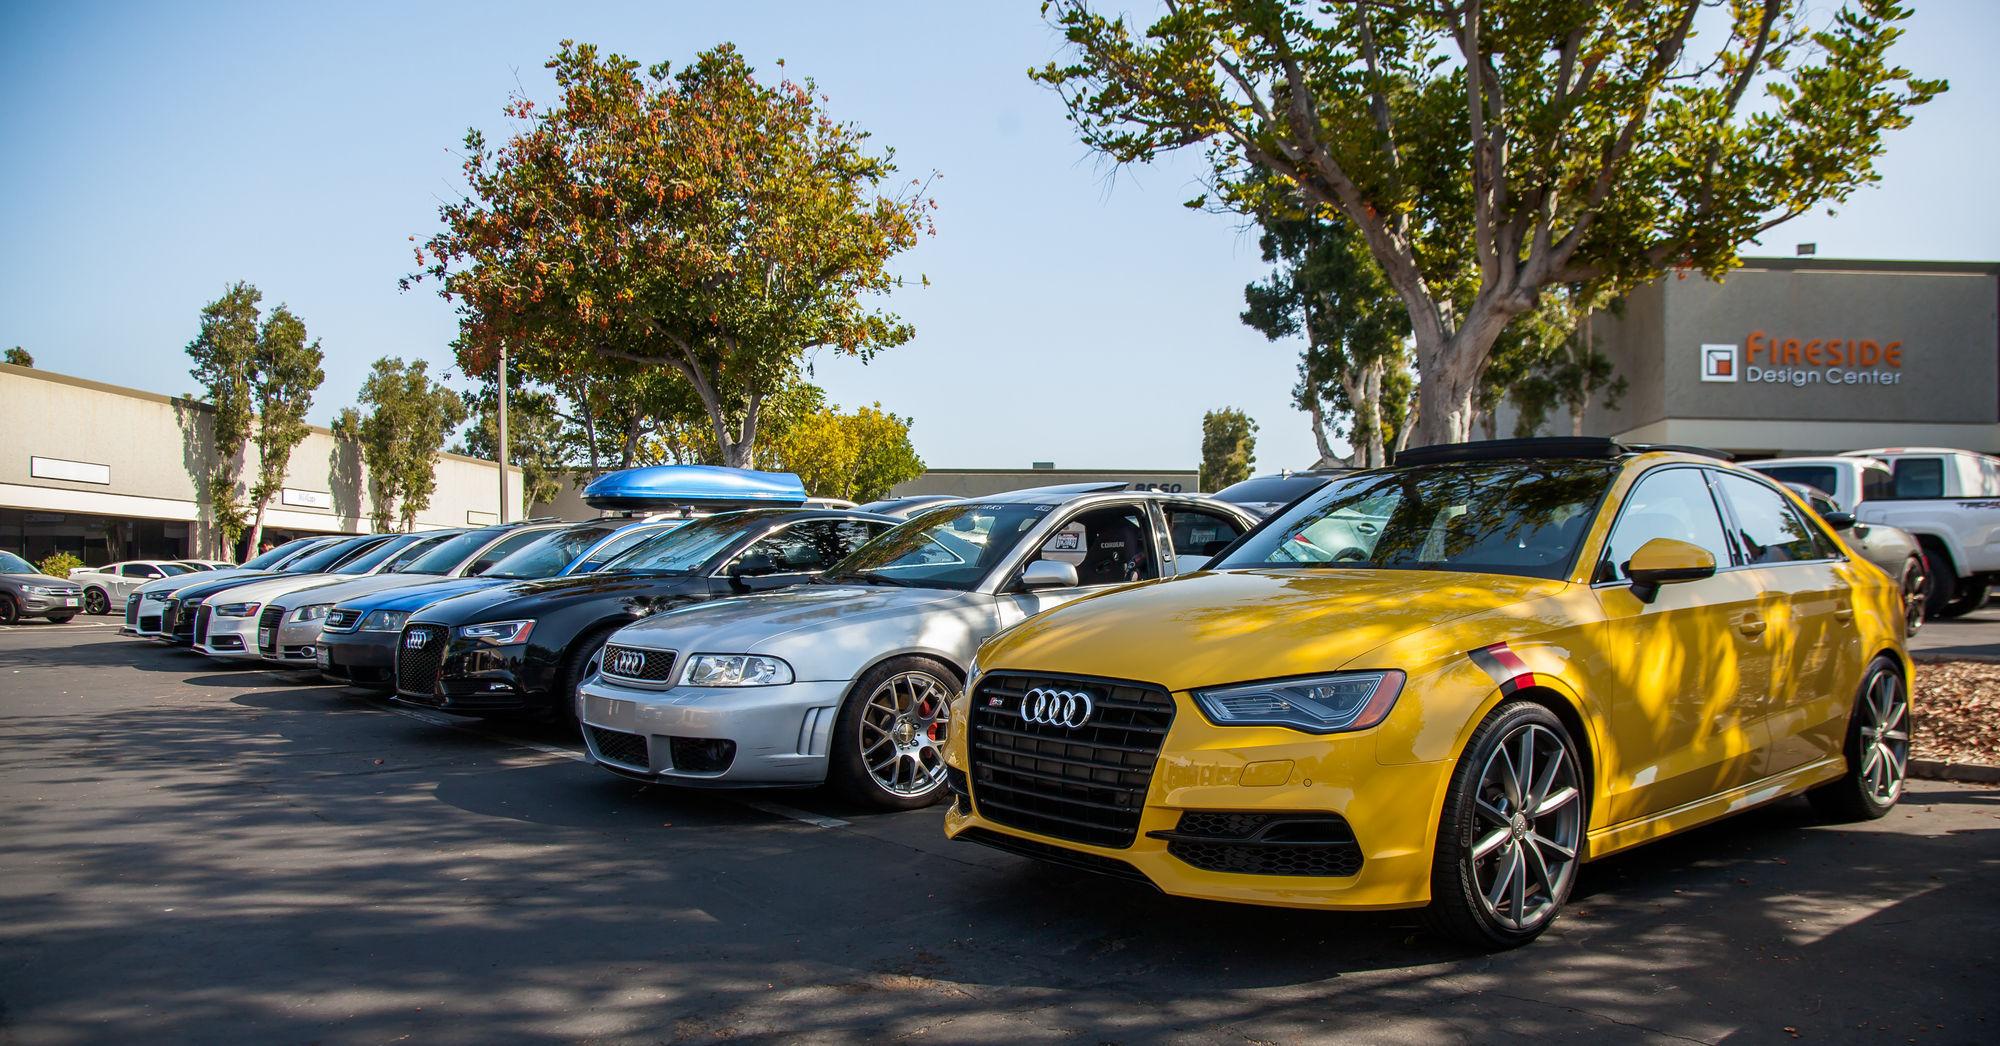 | San Diego Cars & Coffee July 16th, 2016